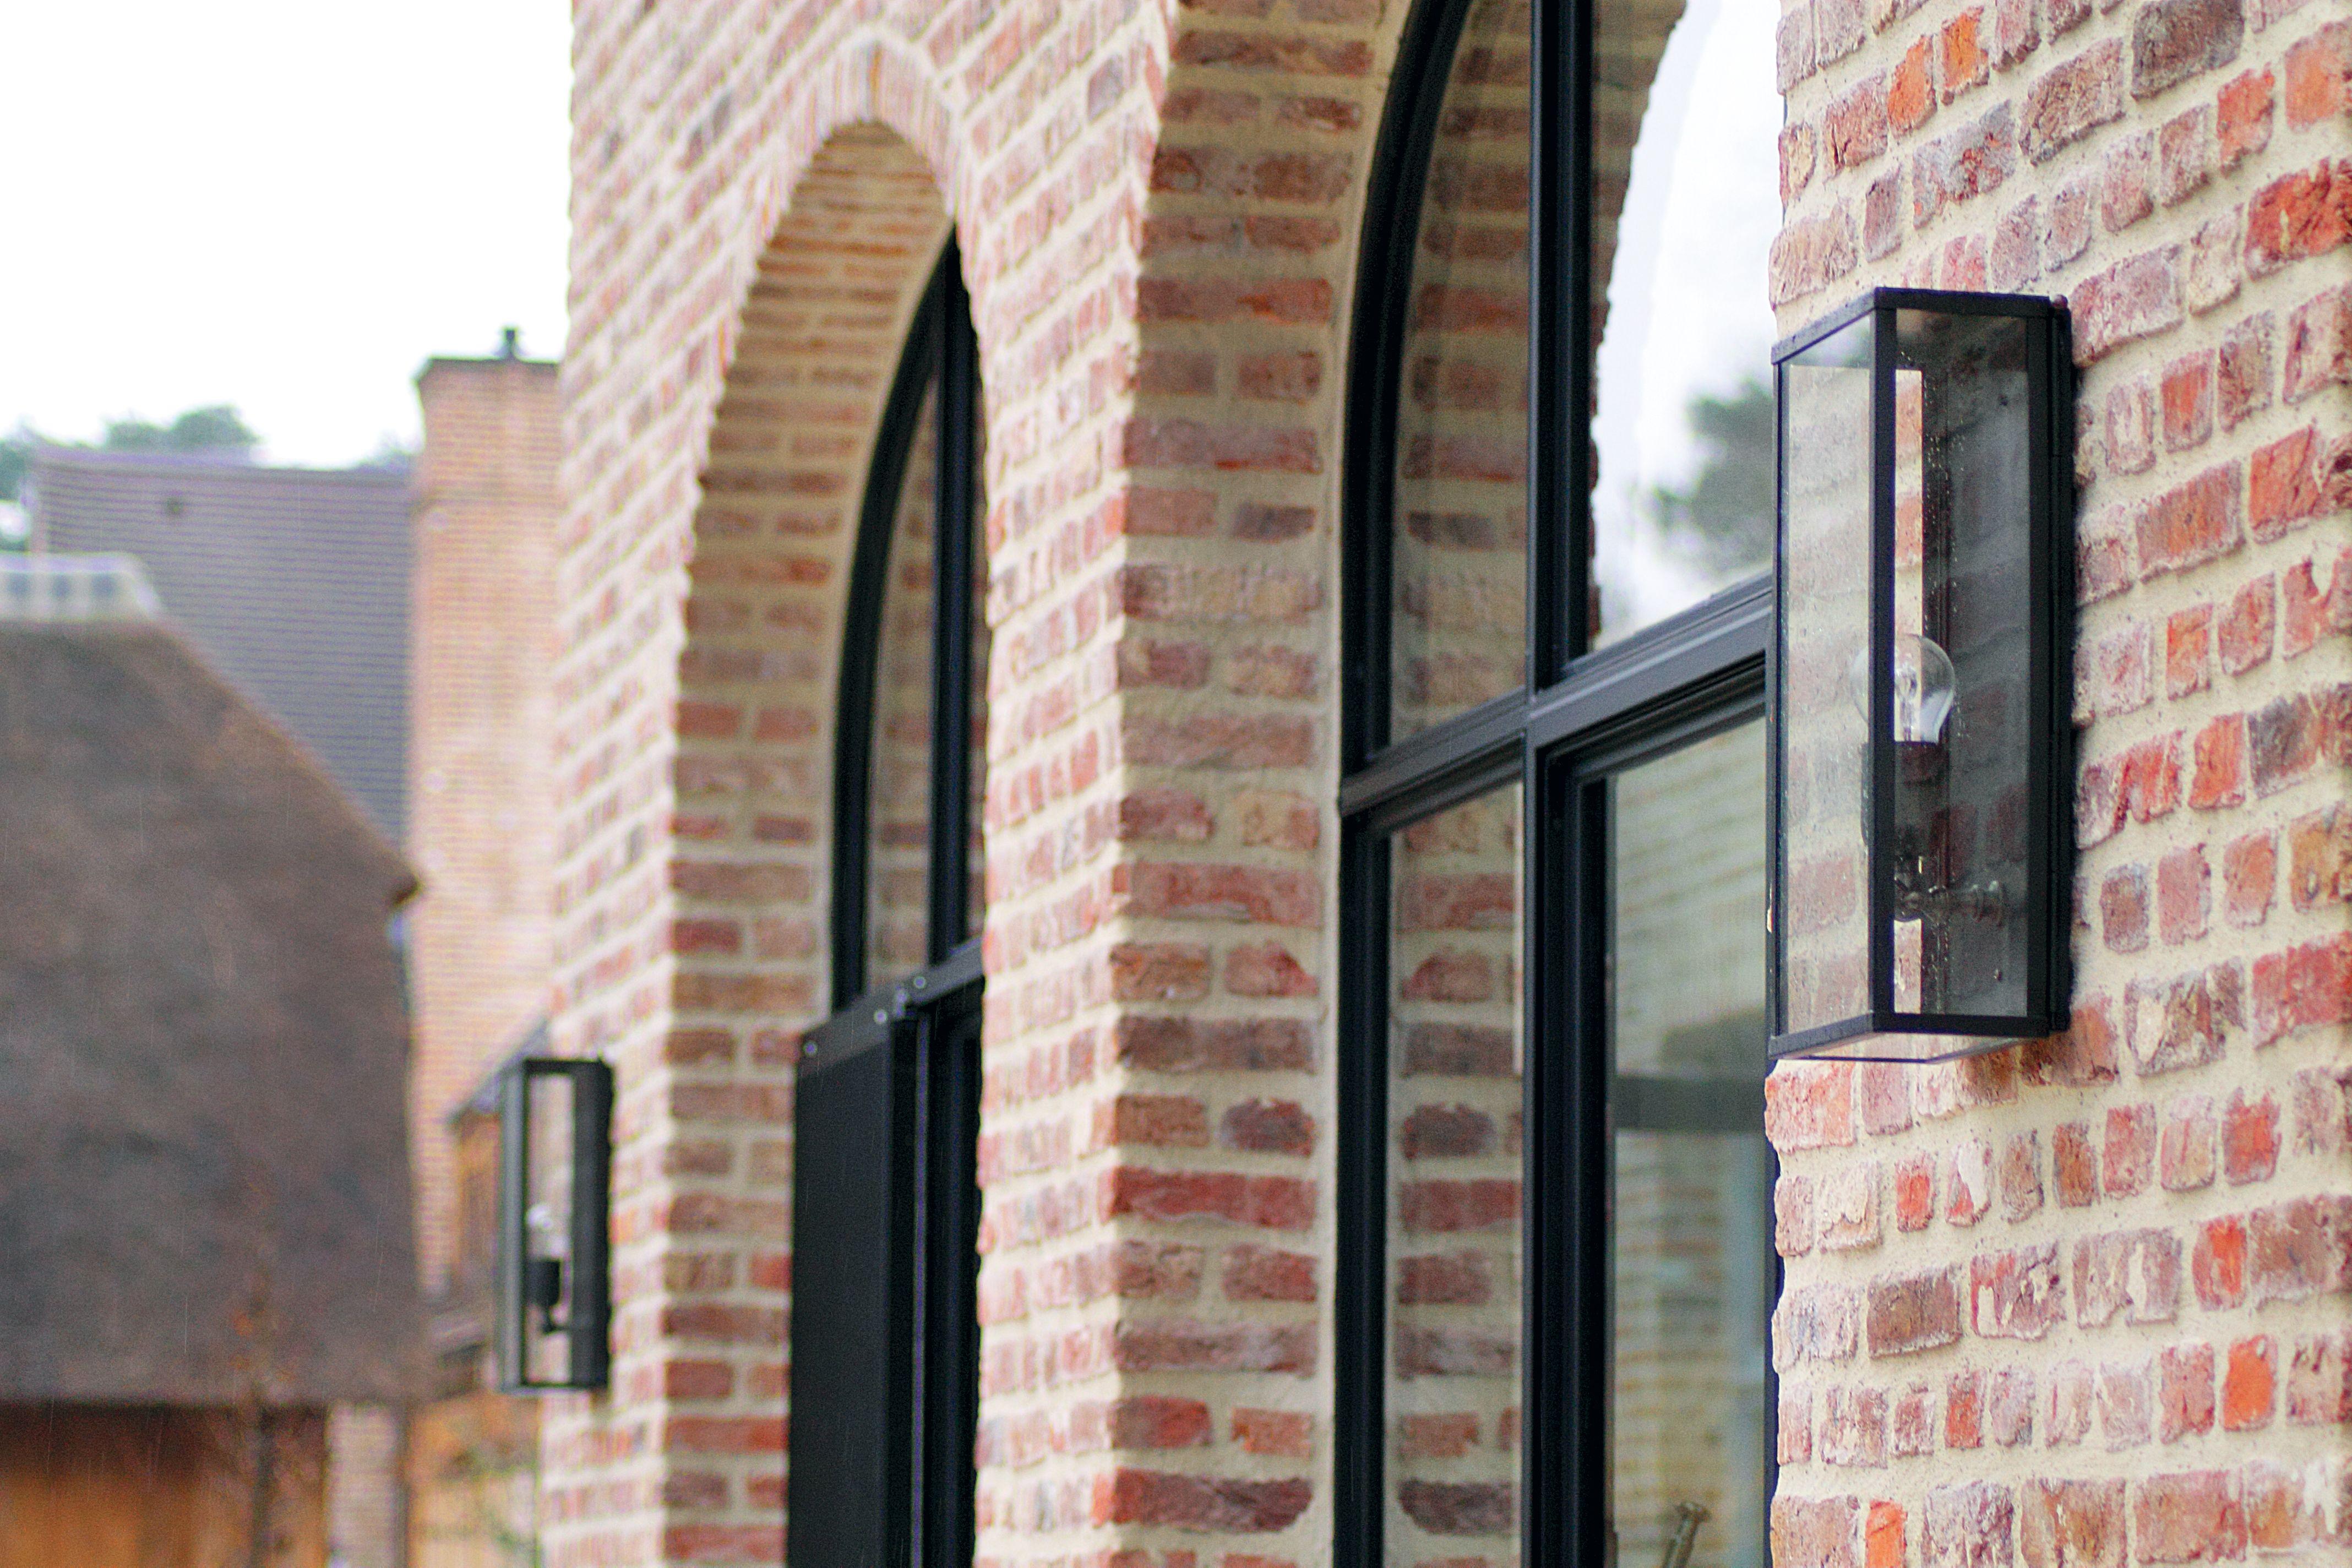 Buitenverlichting woning google zoeken huis pinterest buitenverlichting zoeken en google - Buitenverlichting gevelhuis ...